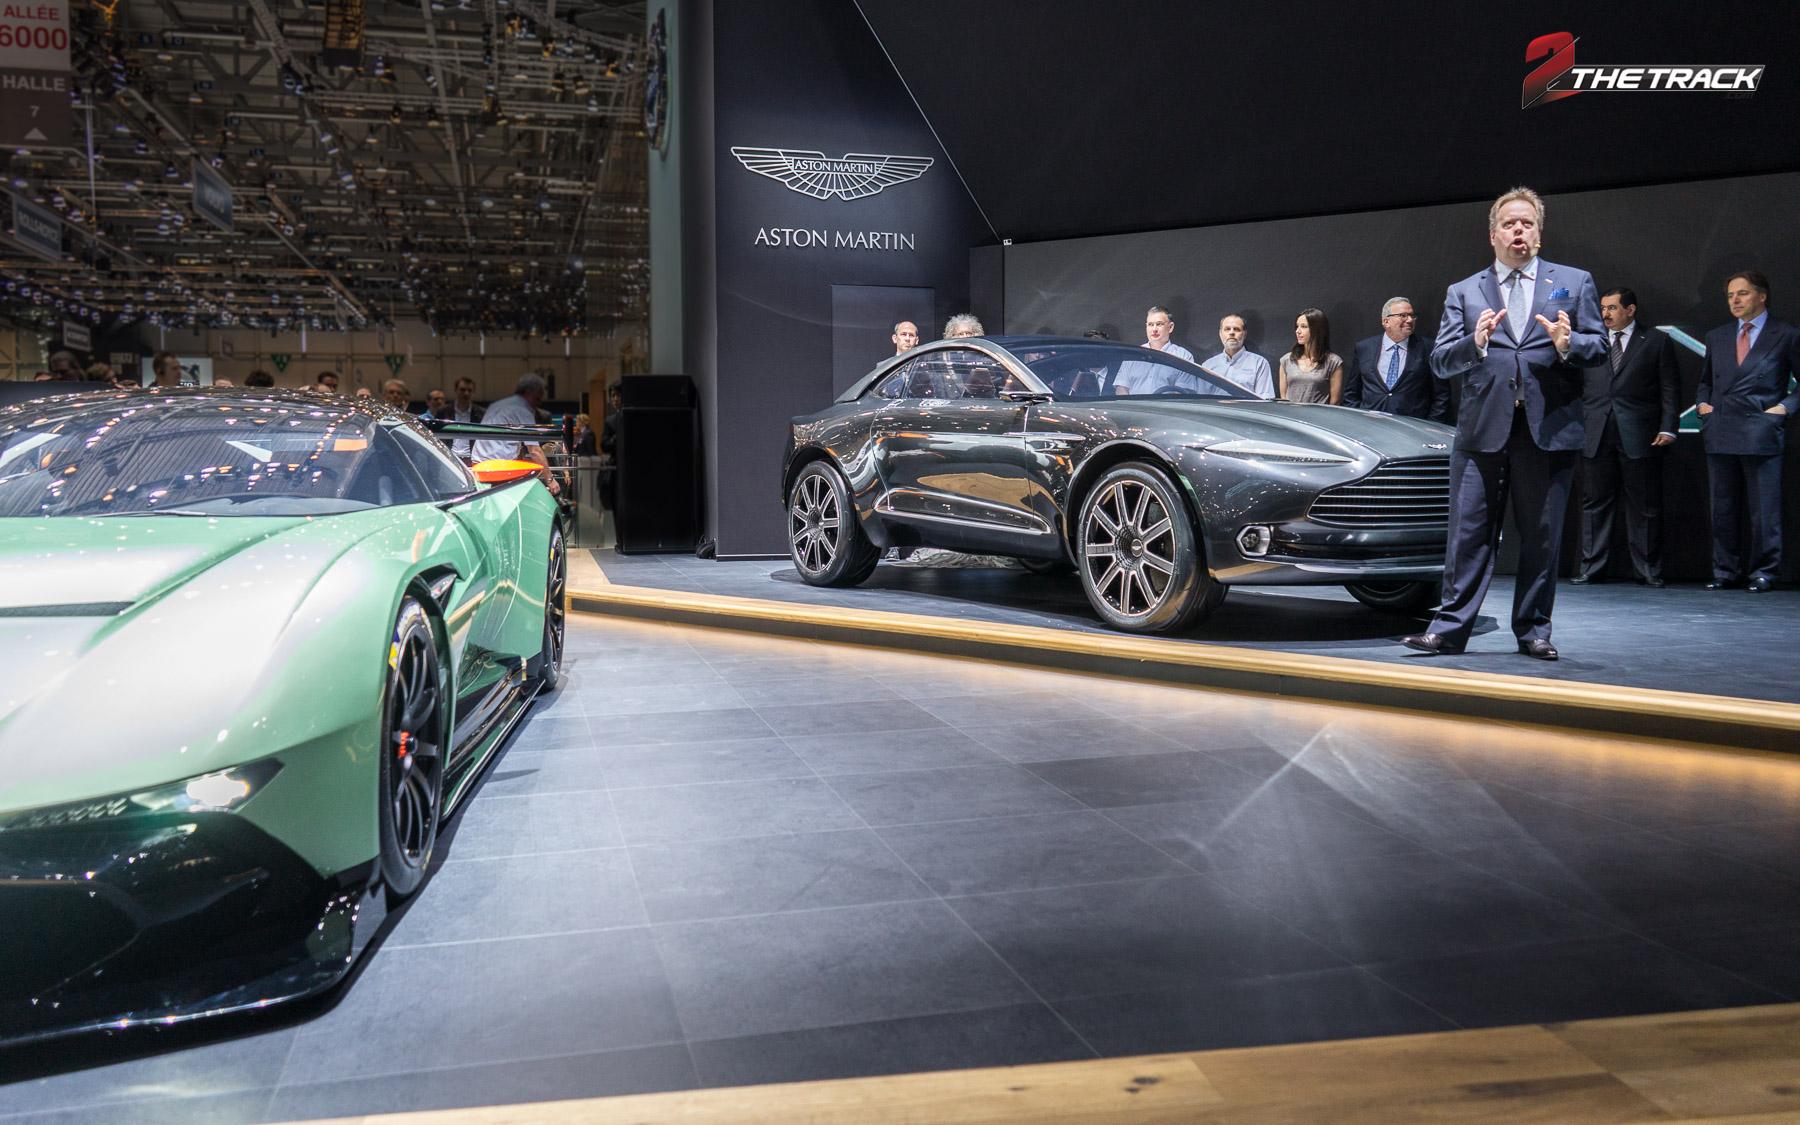 Aston Martin press conference